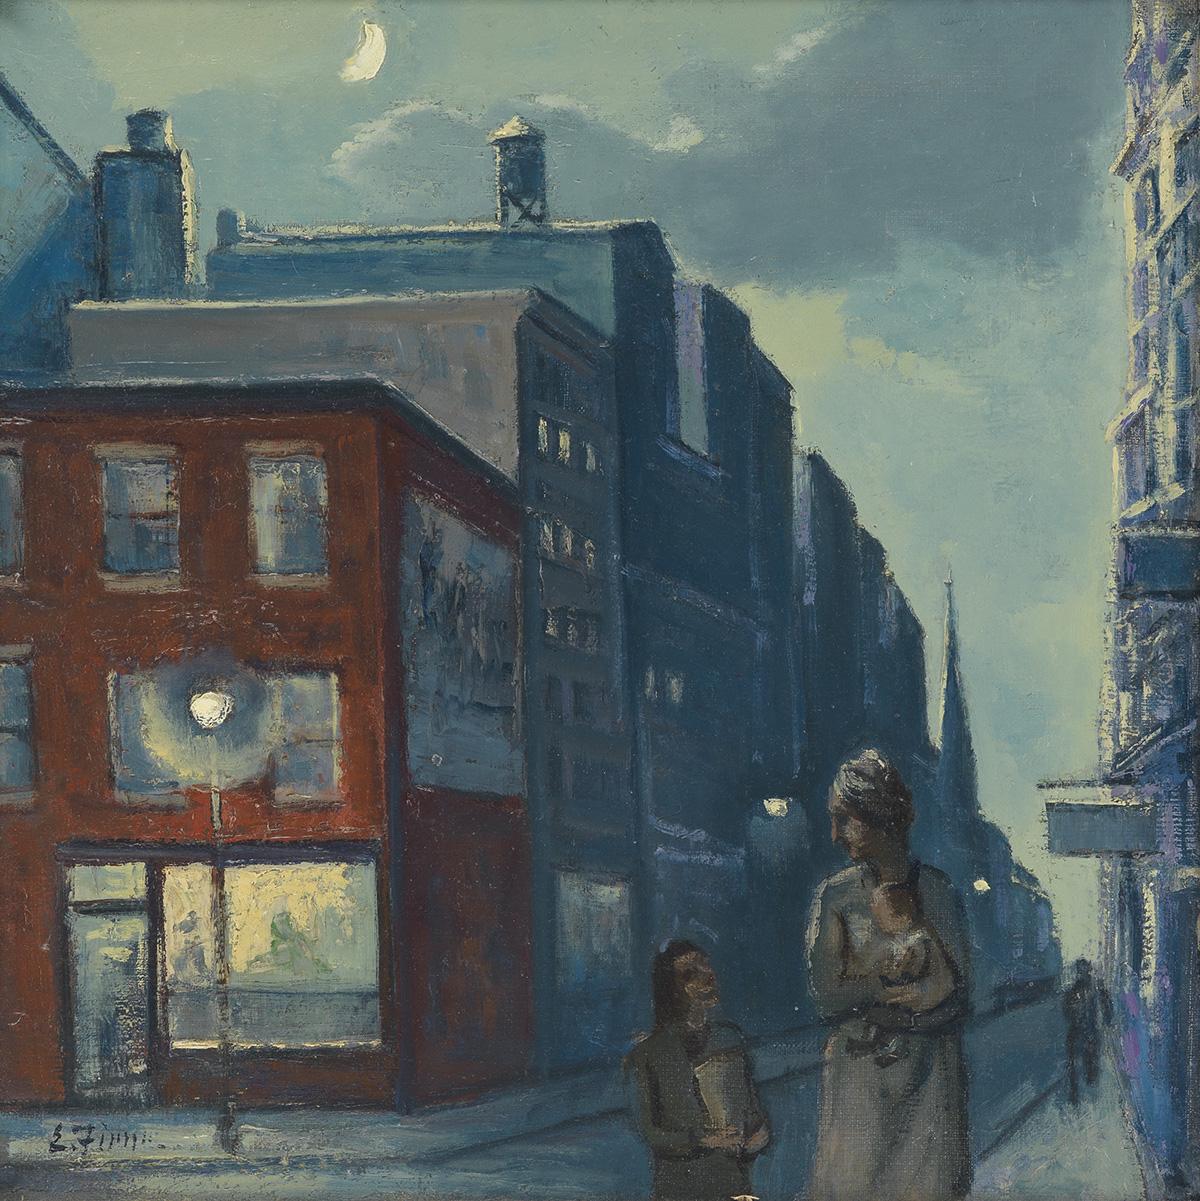 ERNEST-FIENE-Nocturne-New-York